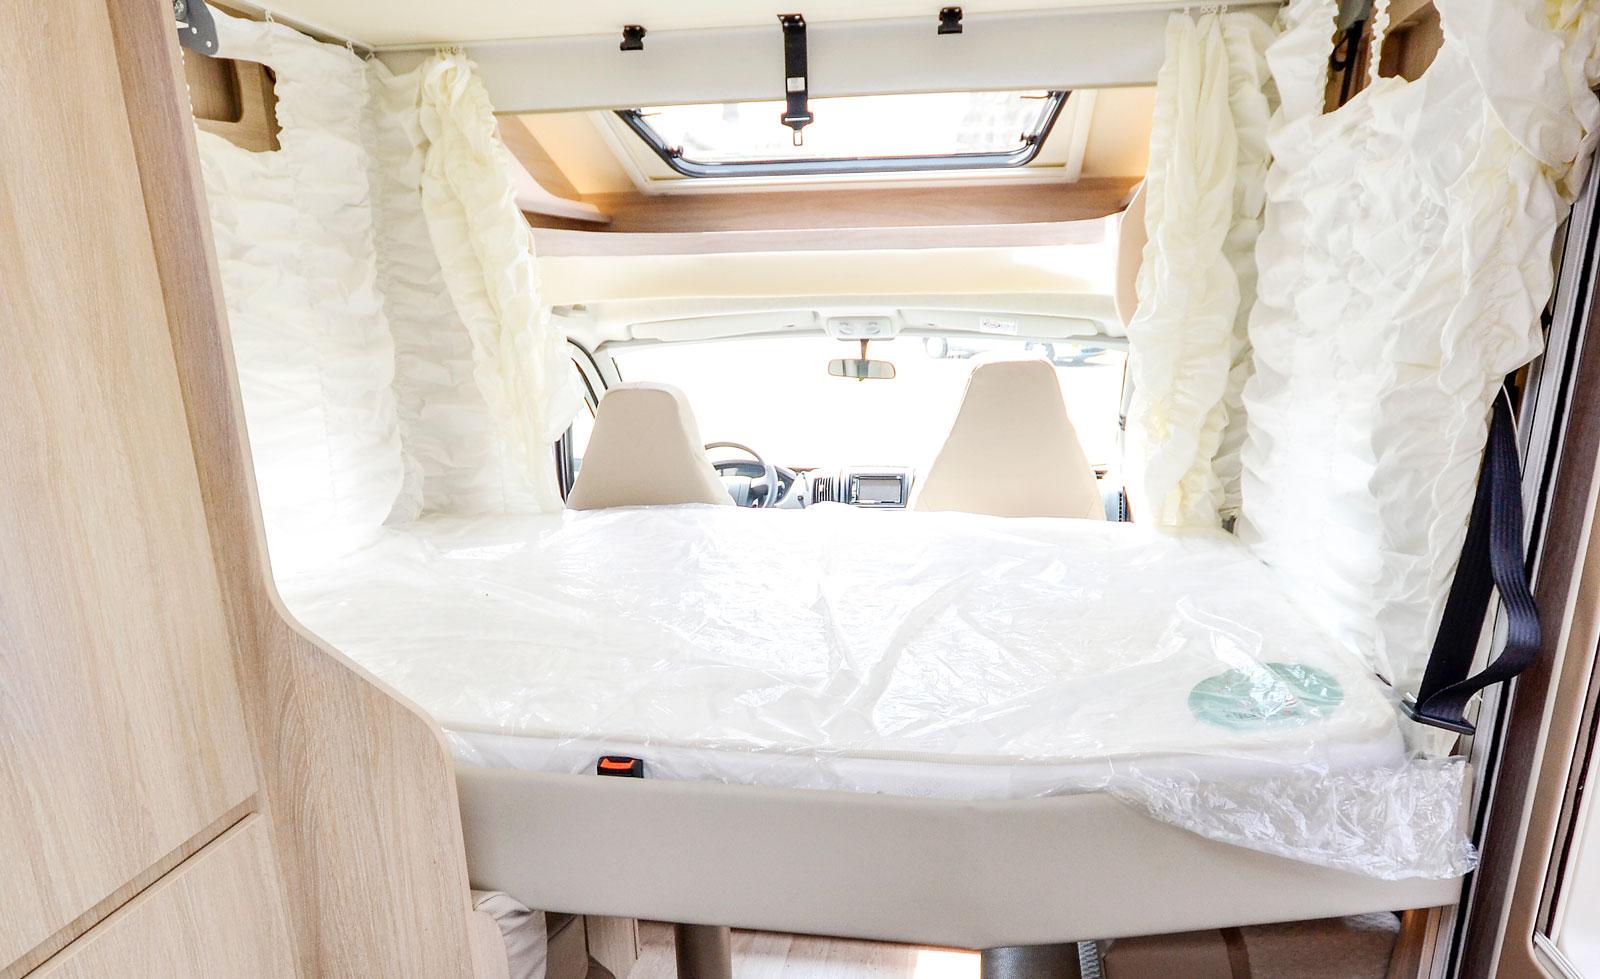 Taksängen sänks steglöst och elektroniskt. Om ingen sover i sittgruppens säng kan taksängen sänkas så att ingen stege behövs.